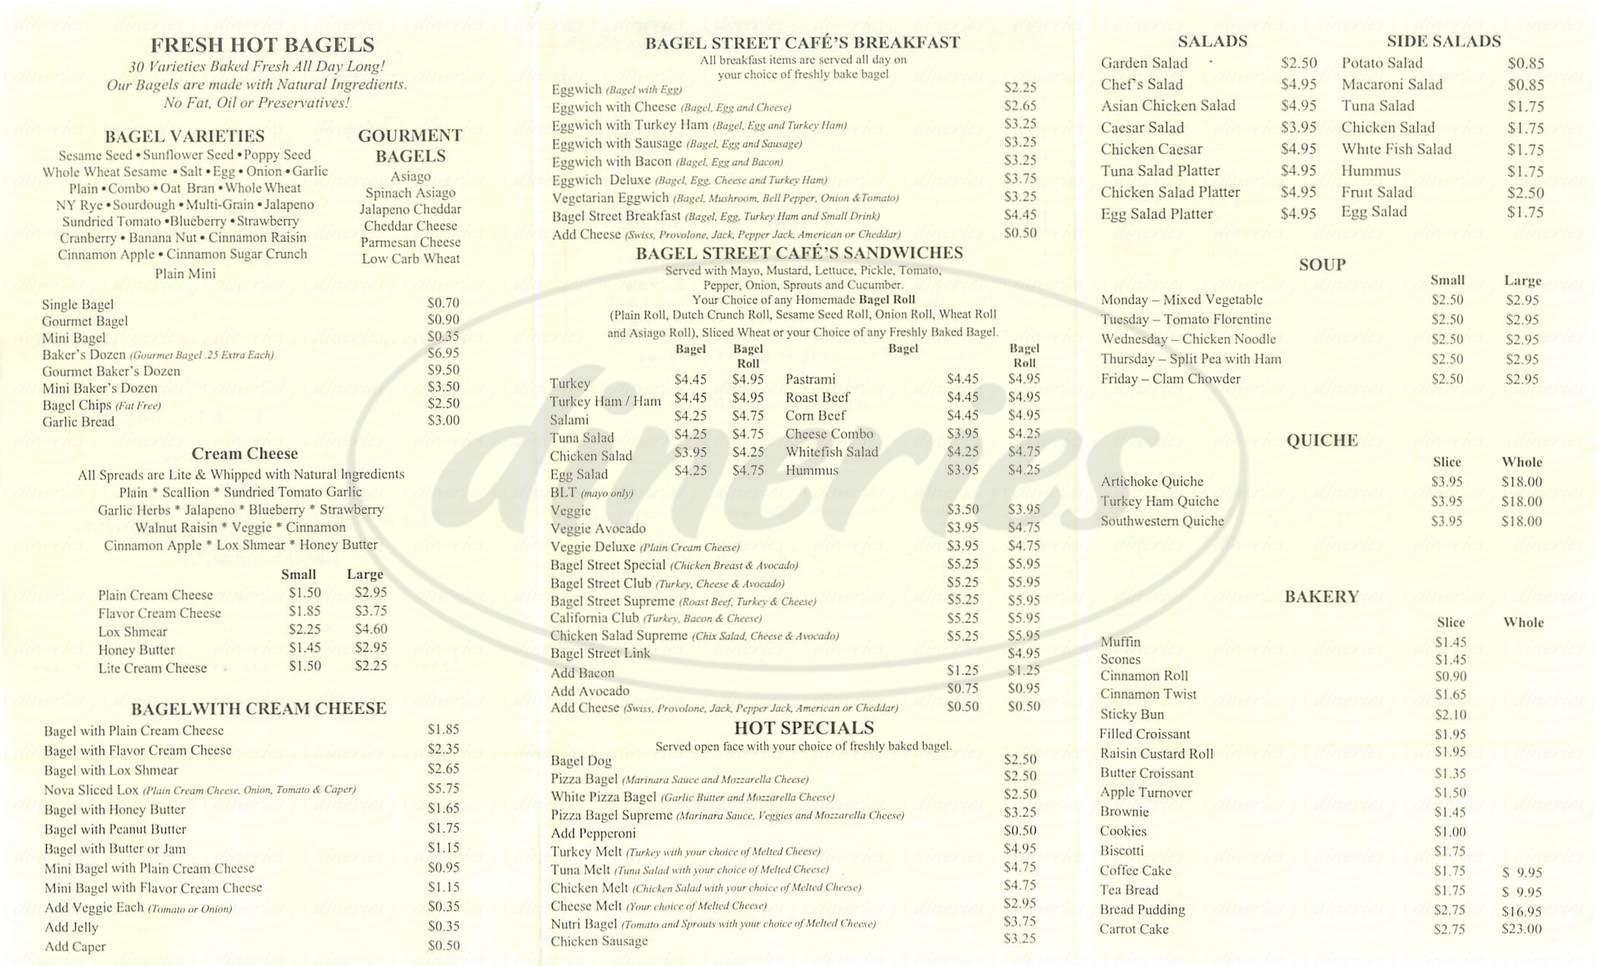 menu for Bagel St Cafe